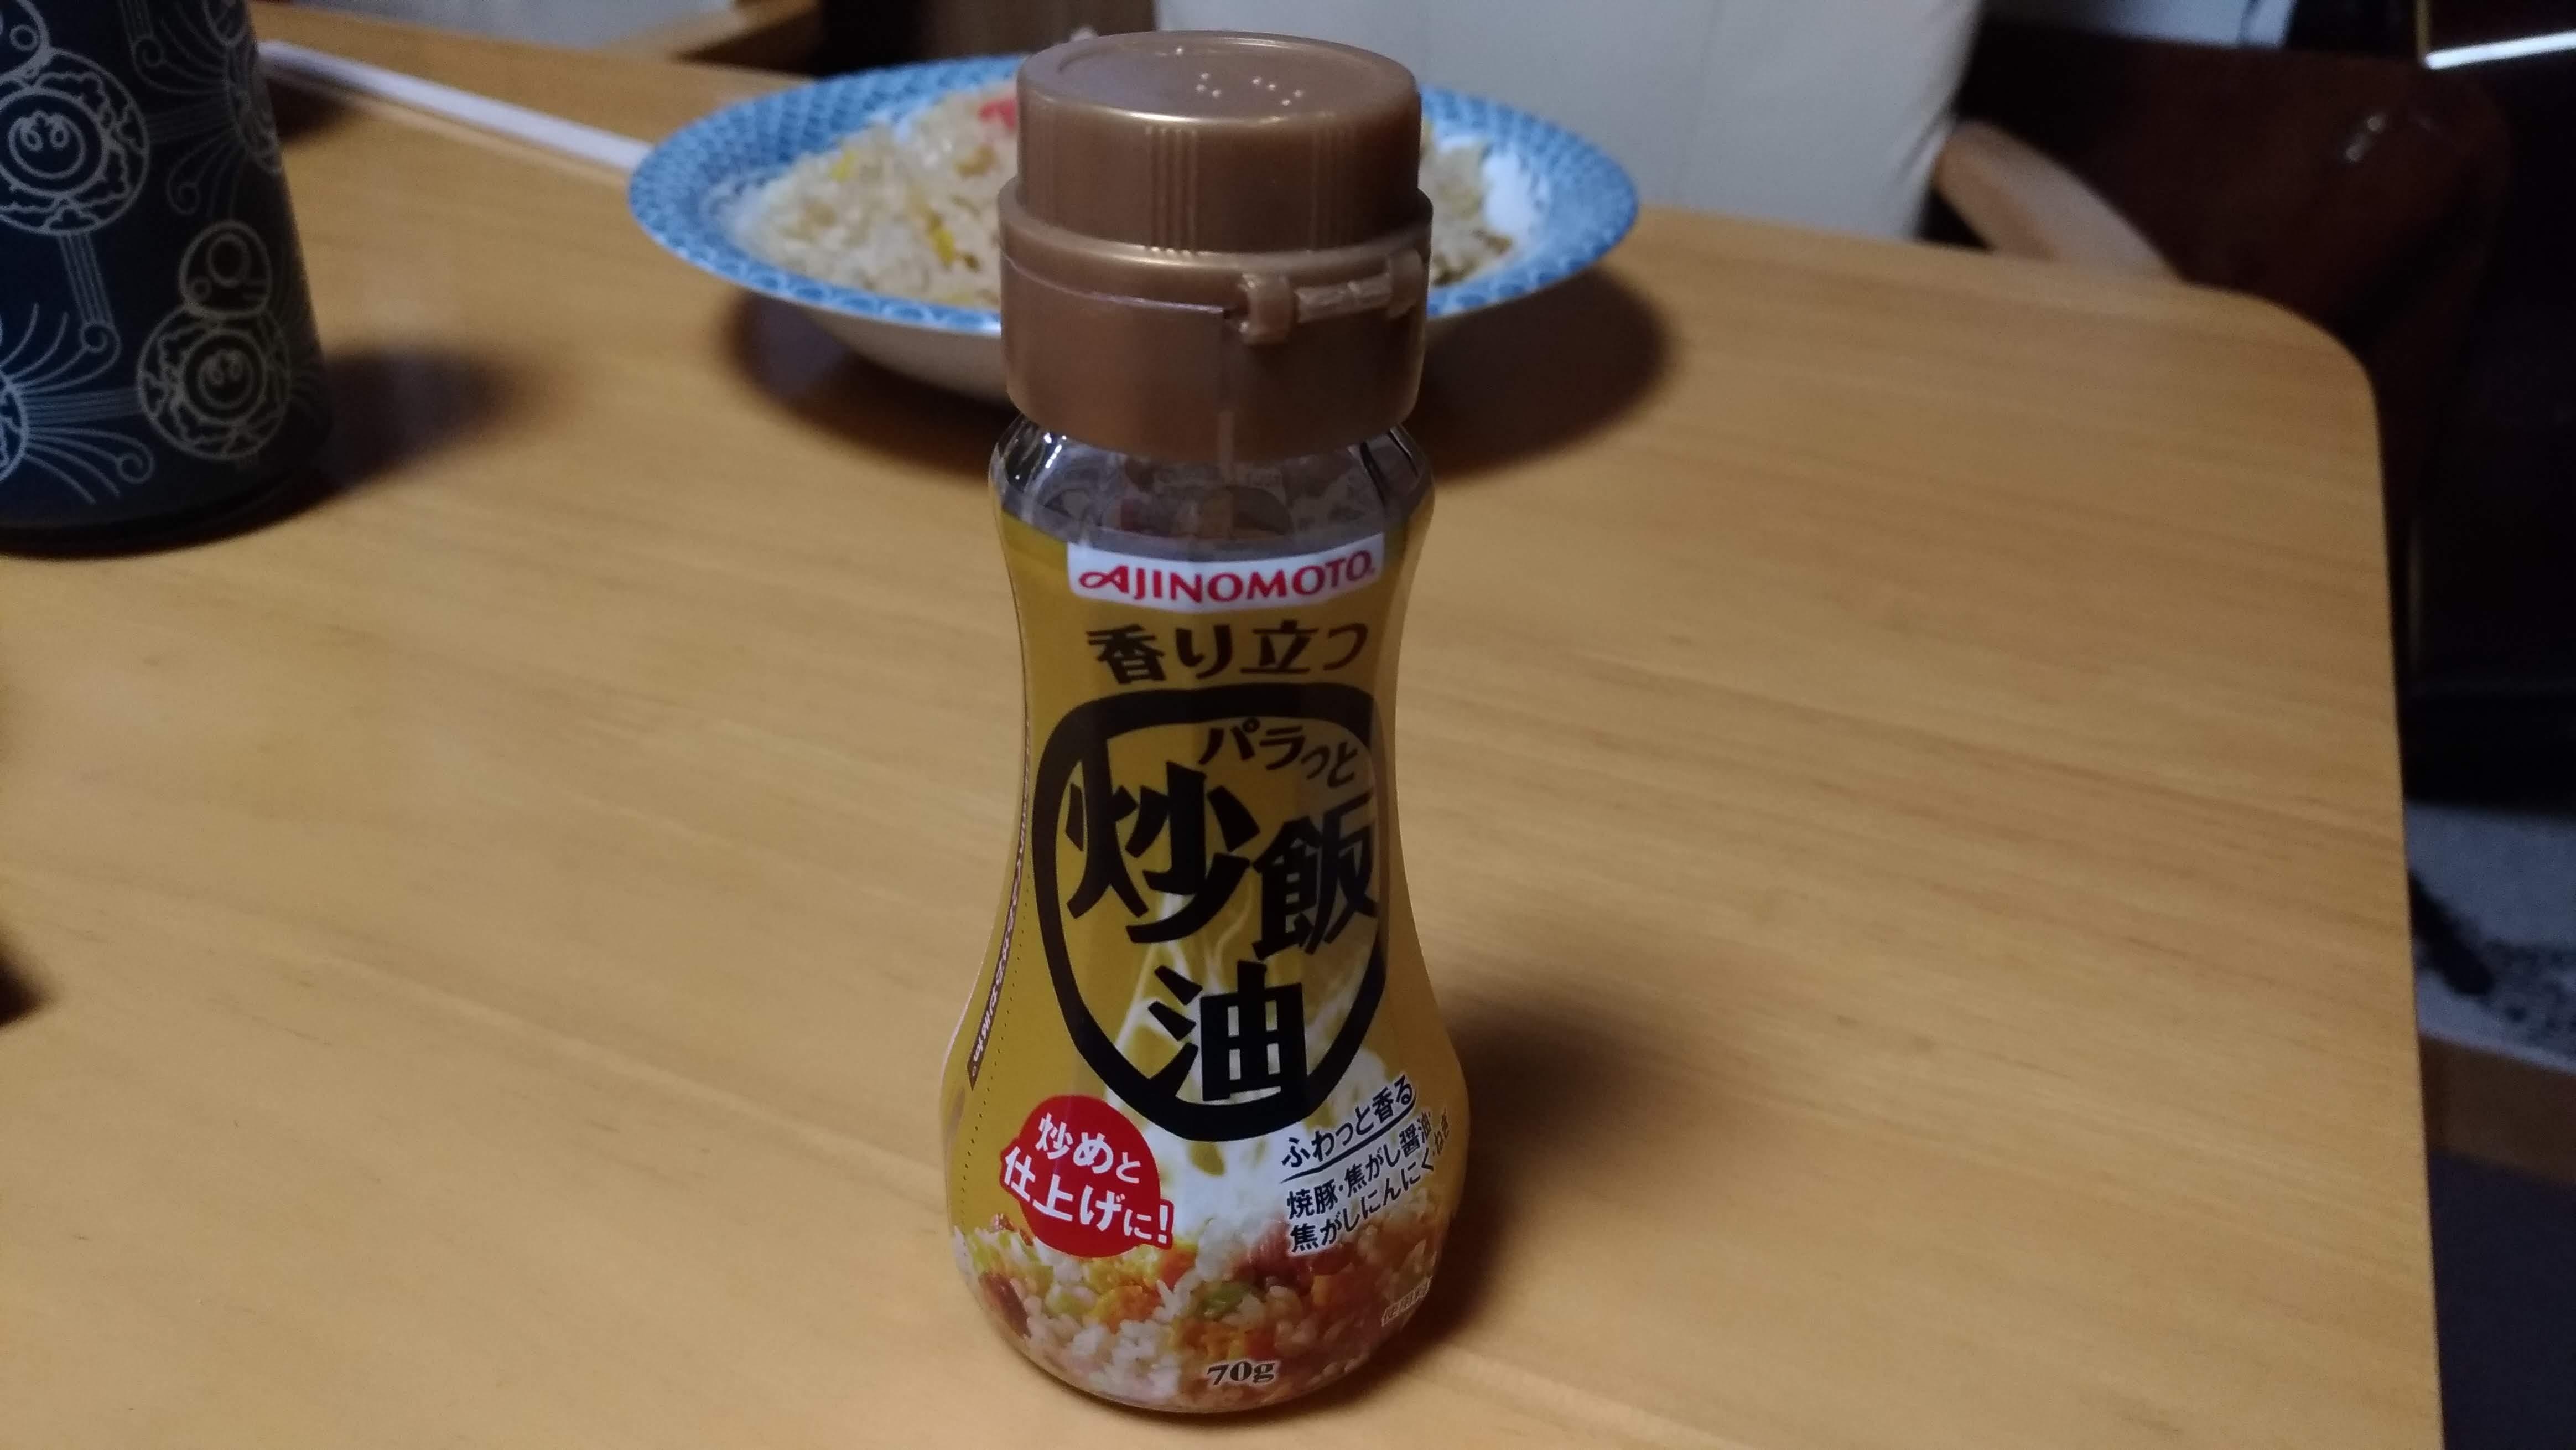 パラパラチャーハンを家庭で成功させたいならこの炒飯油でお試しを~!!